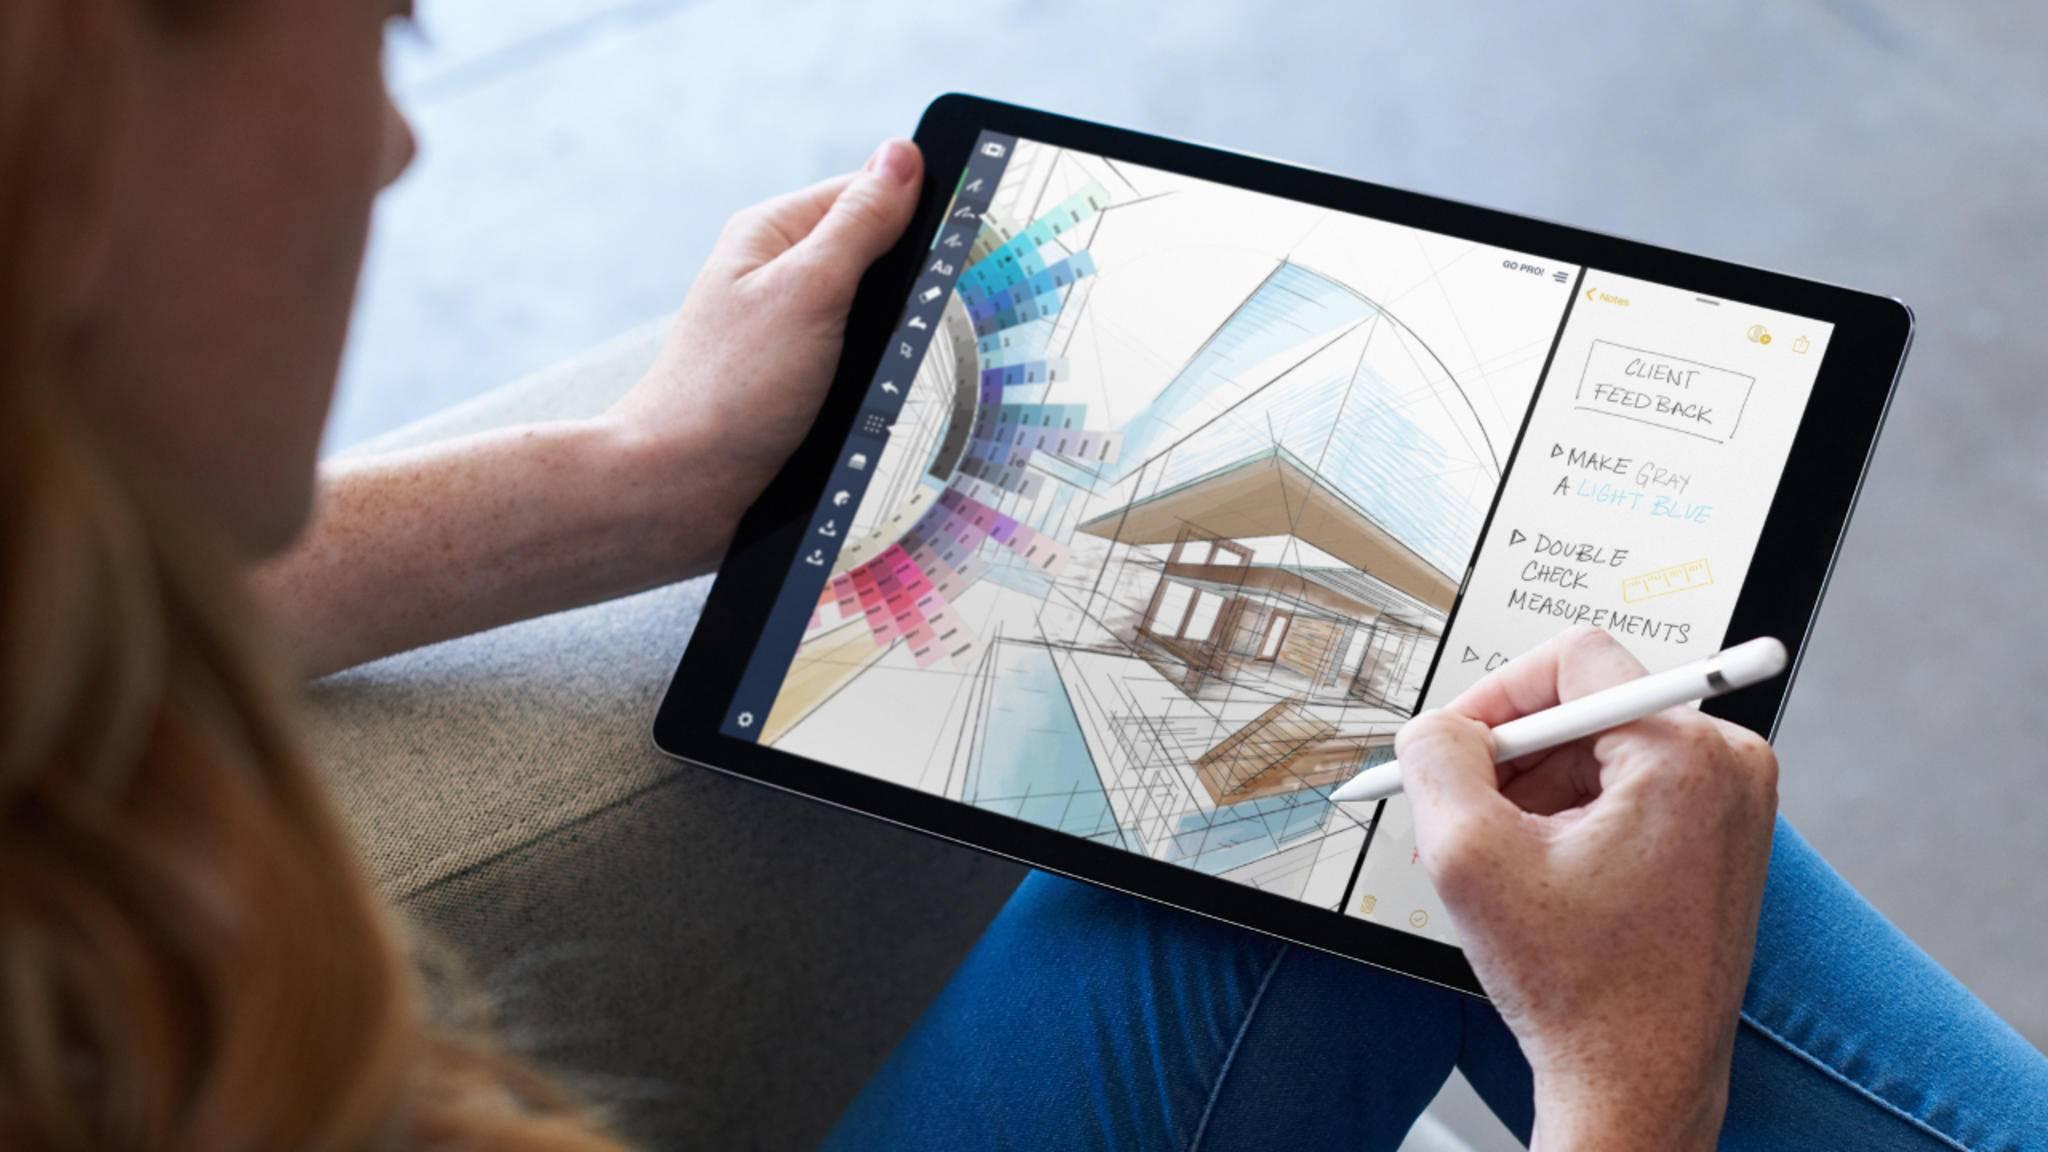 Auch auf dem neuen iPad Pro 10,5 Zoll wird iOS 11 natürlich für Verbesserungen sorgen.